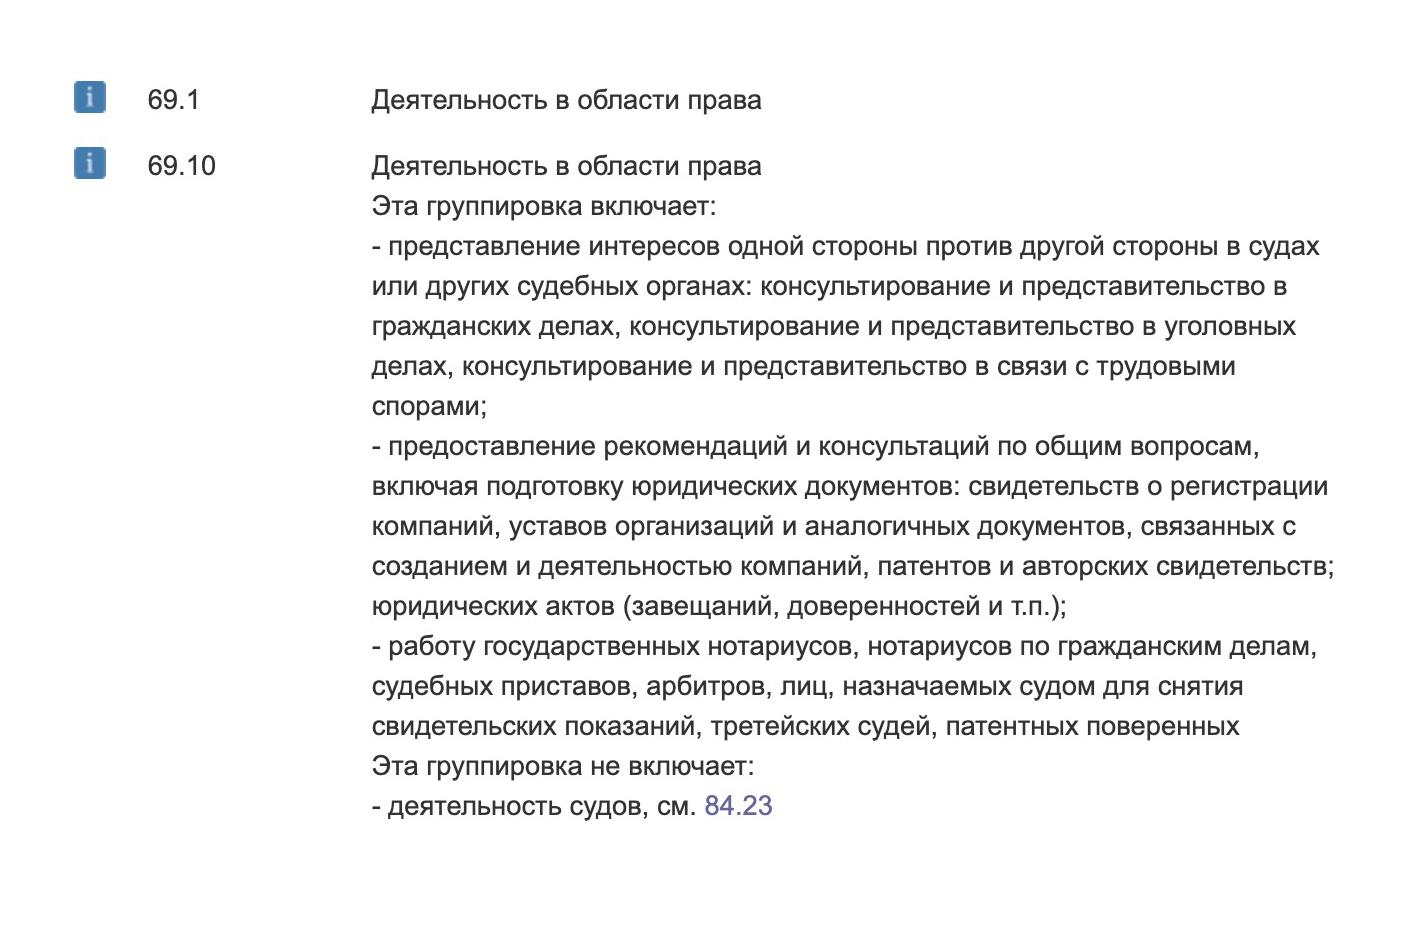 Пояснения написаны после названия кода. Деятельность в области права не включает деятельность судов